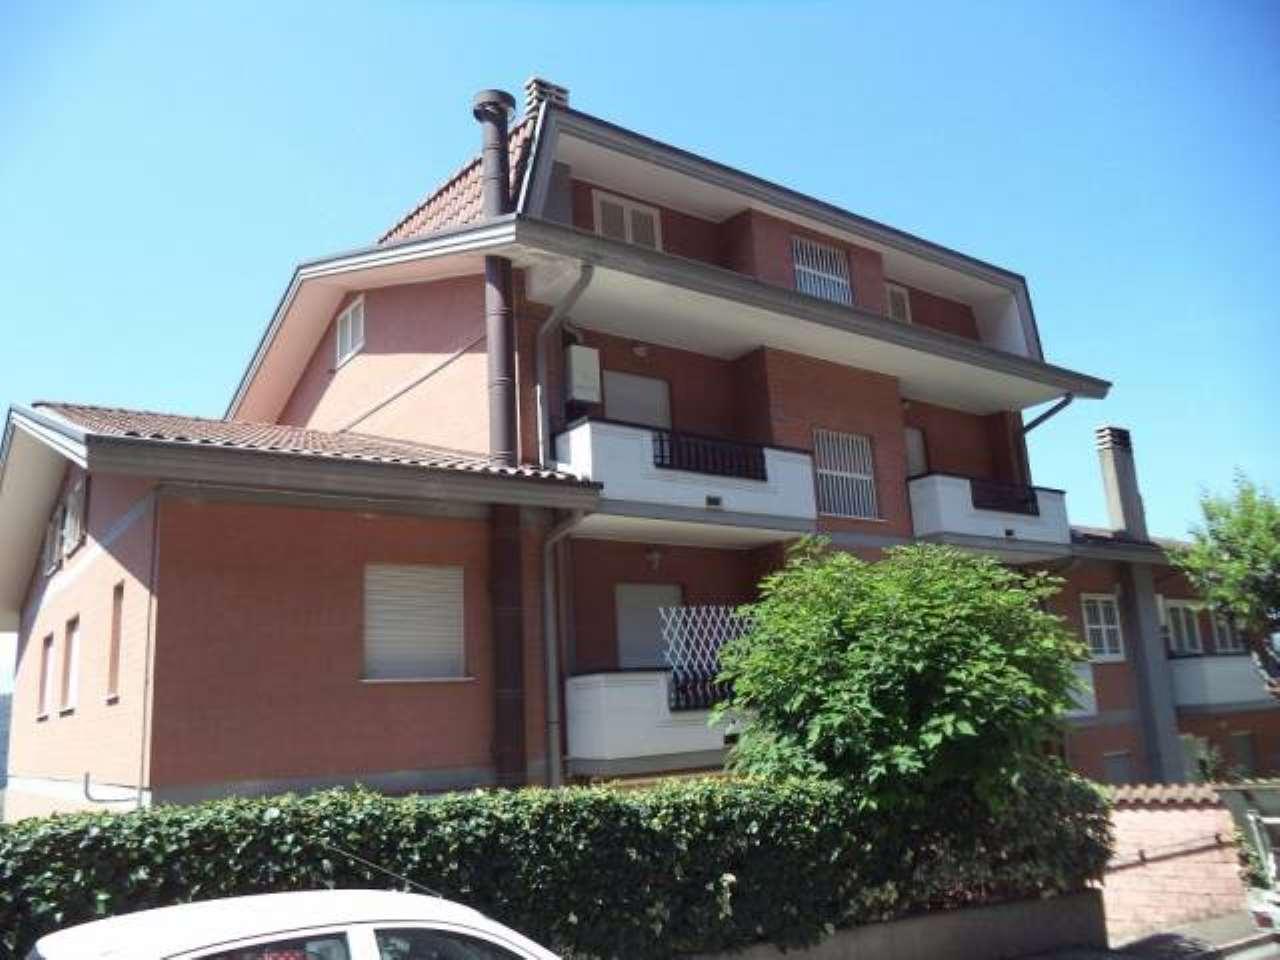 Appartamento in vendita a Arce, 4 locali, prezzo € 159.000 | CambioCasa.it